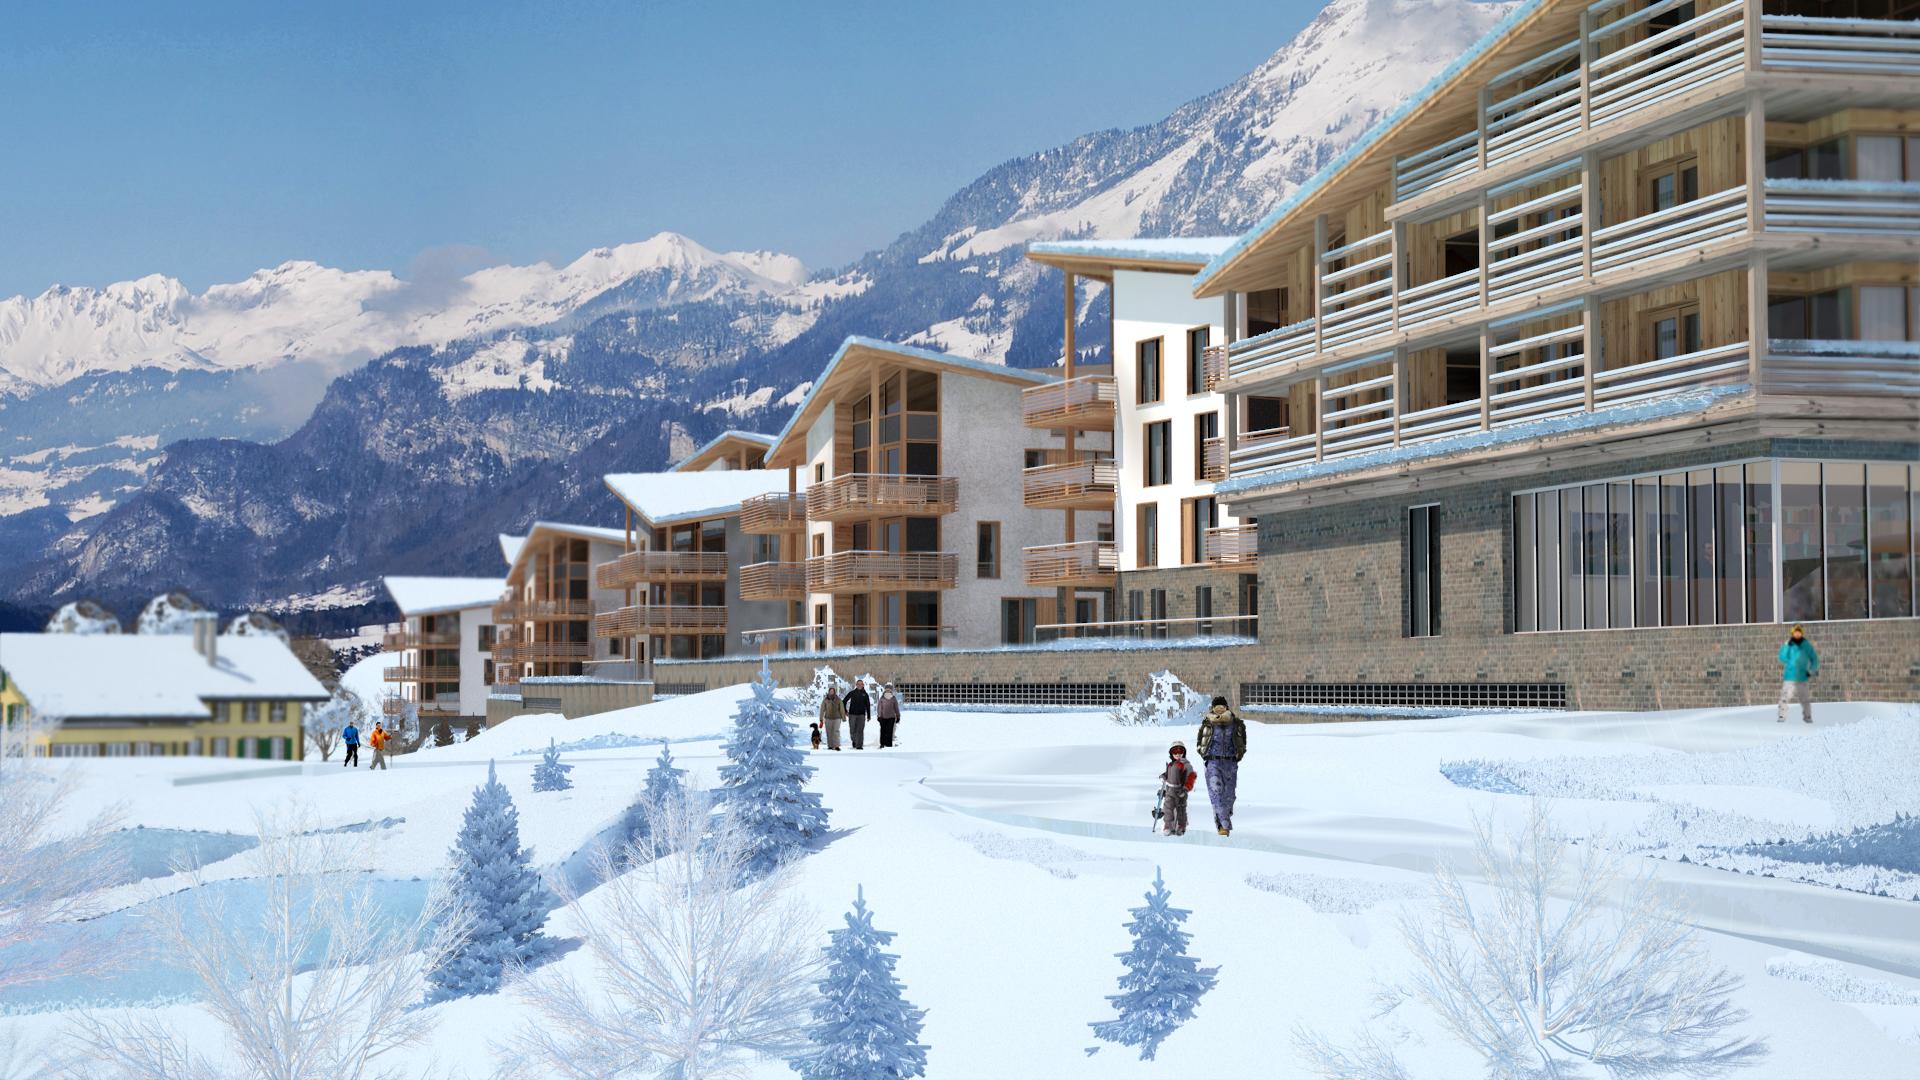 Ski chatlet Switzerland